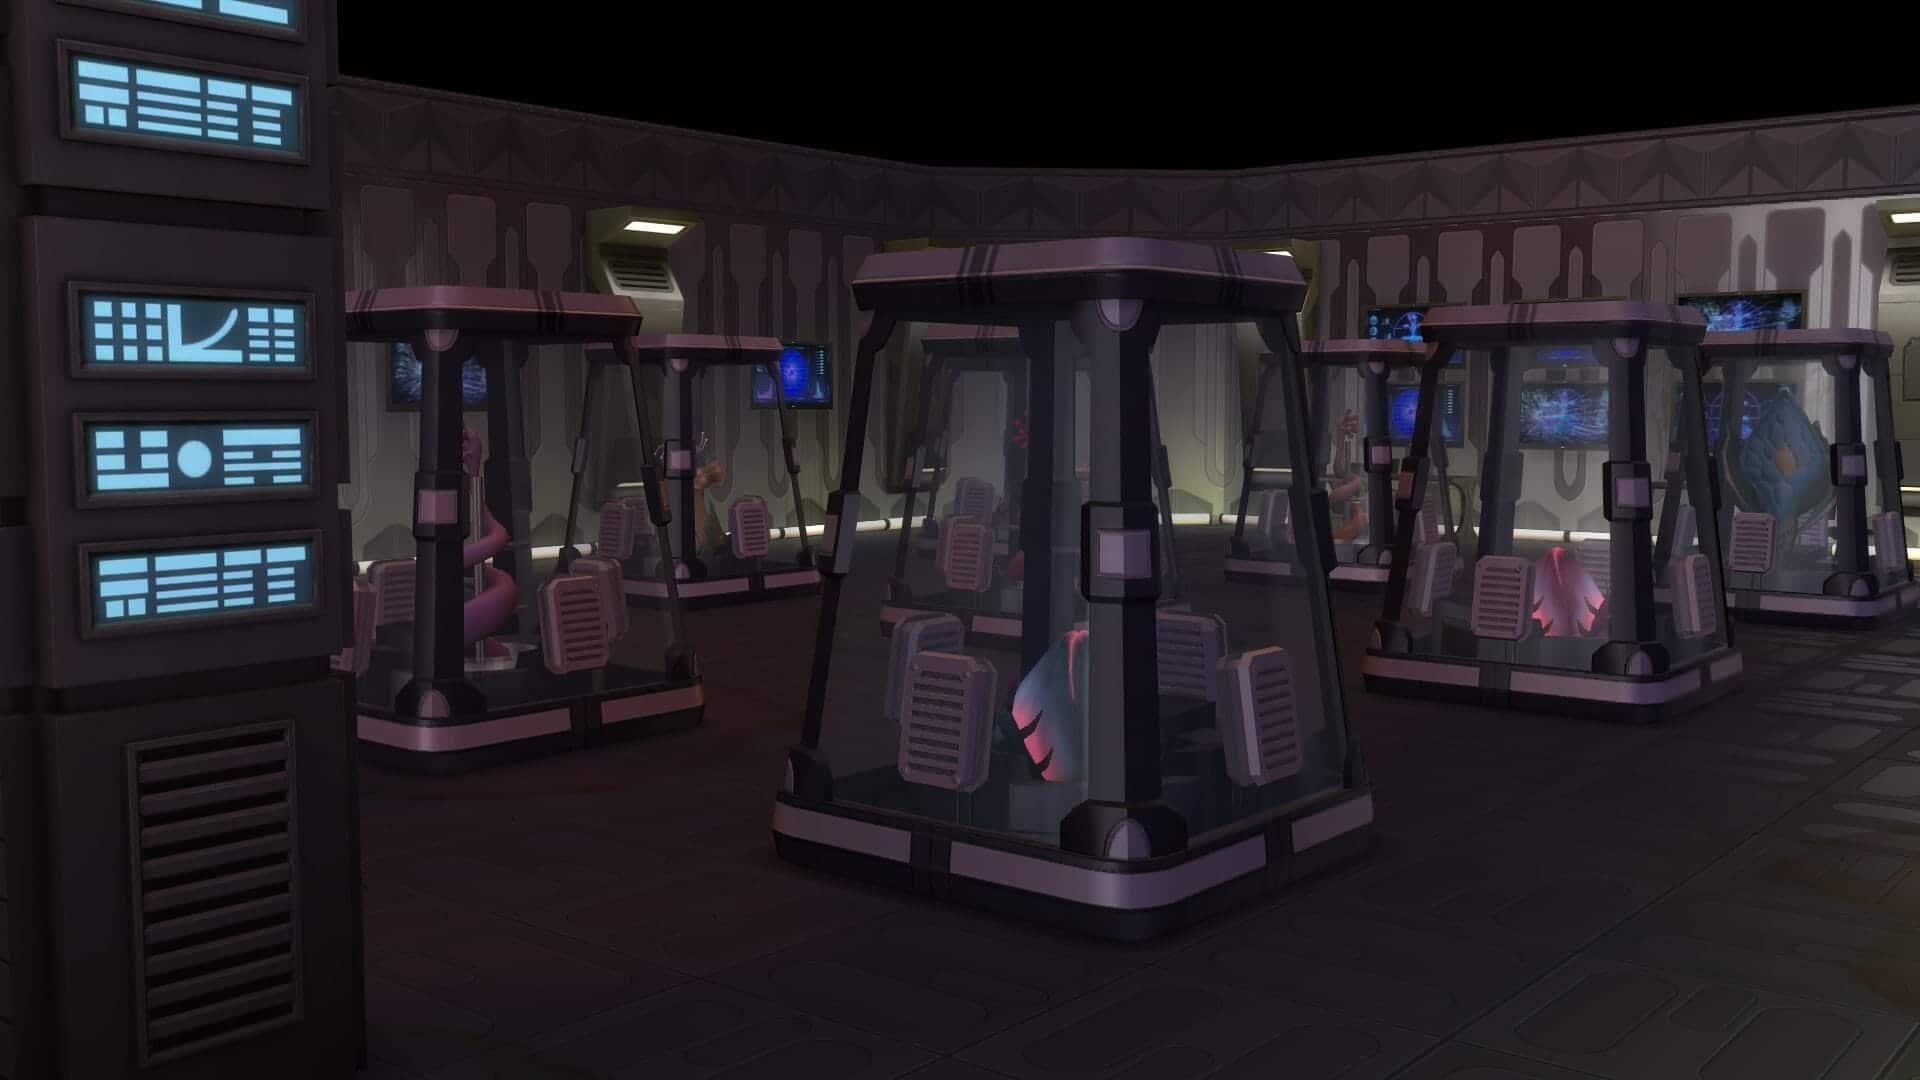 Laboratoire sims 4 stranger ville